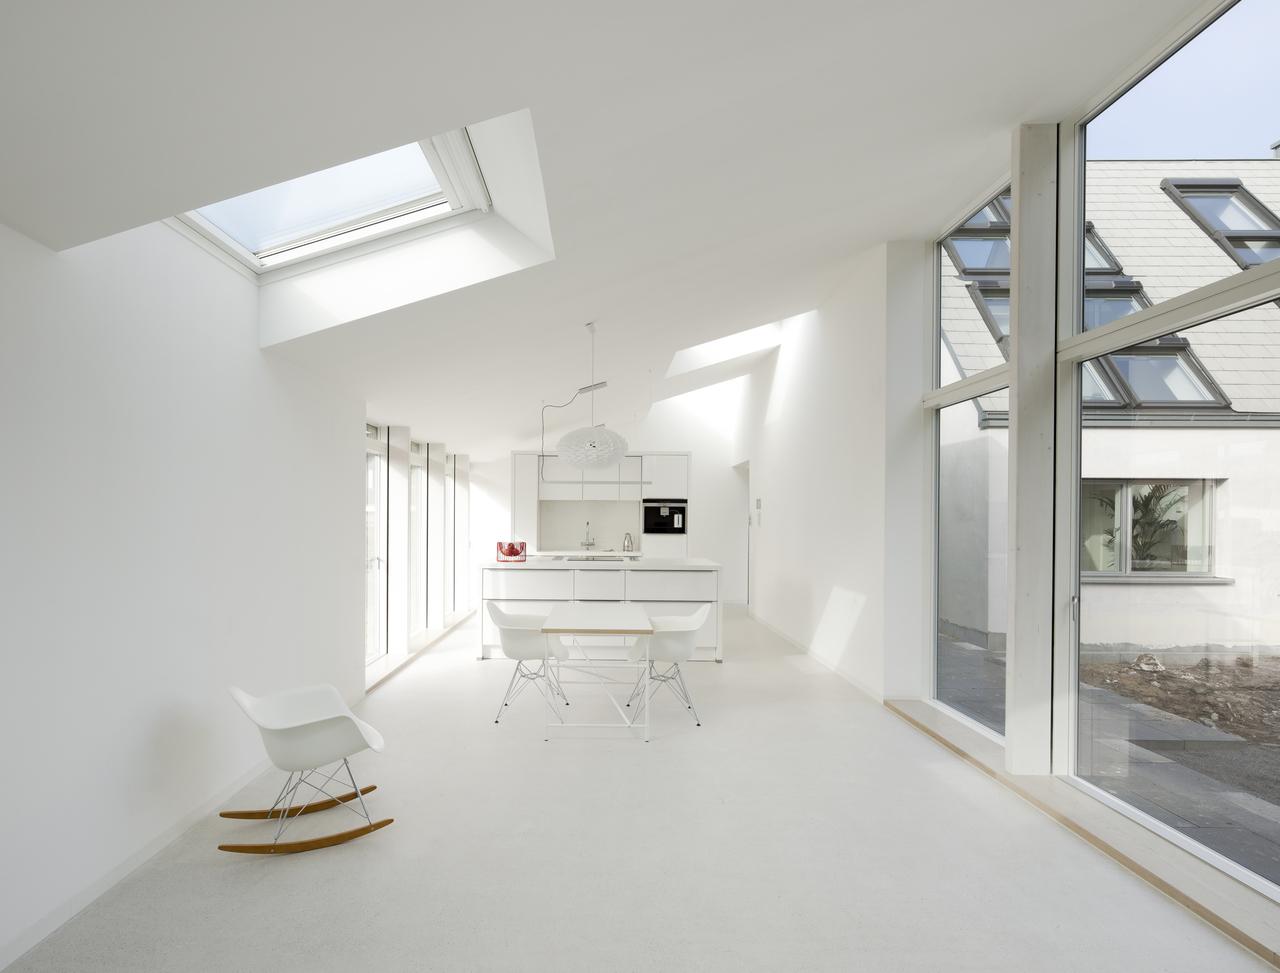 Finestre sul tetto per illuminare la cucina - Finestre sui tetti ...